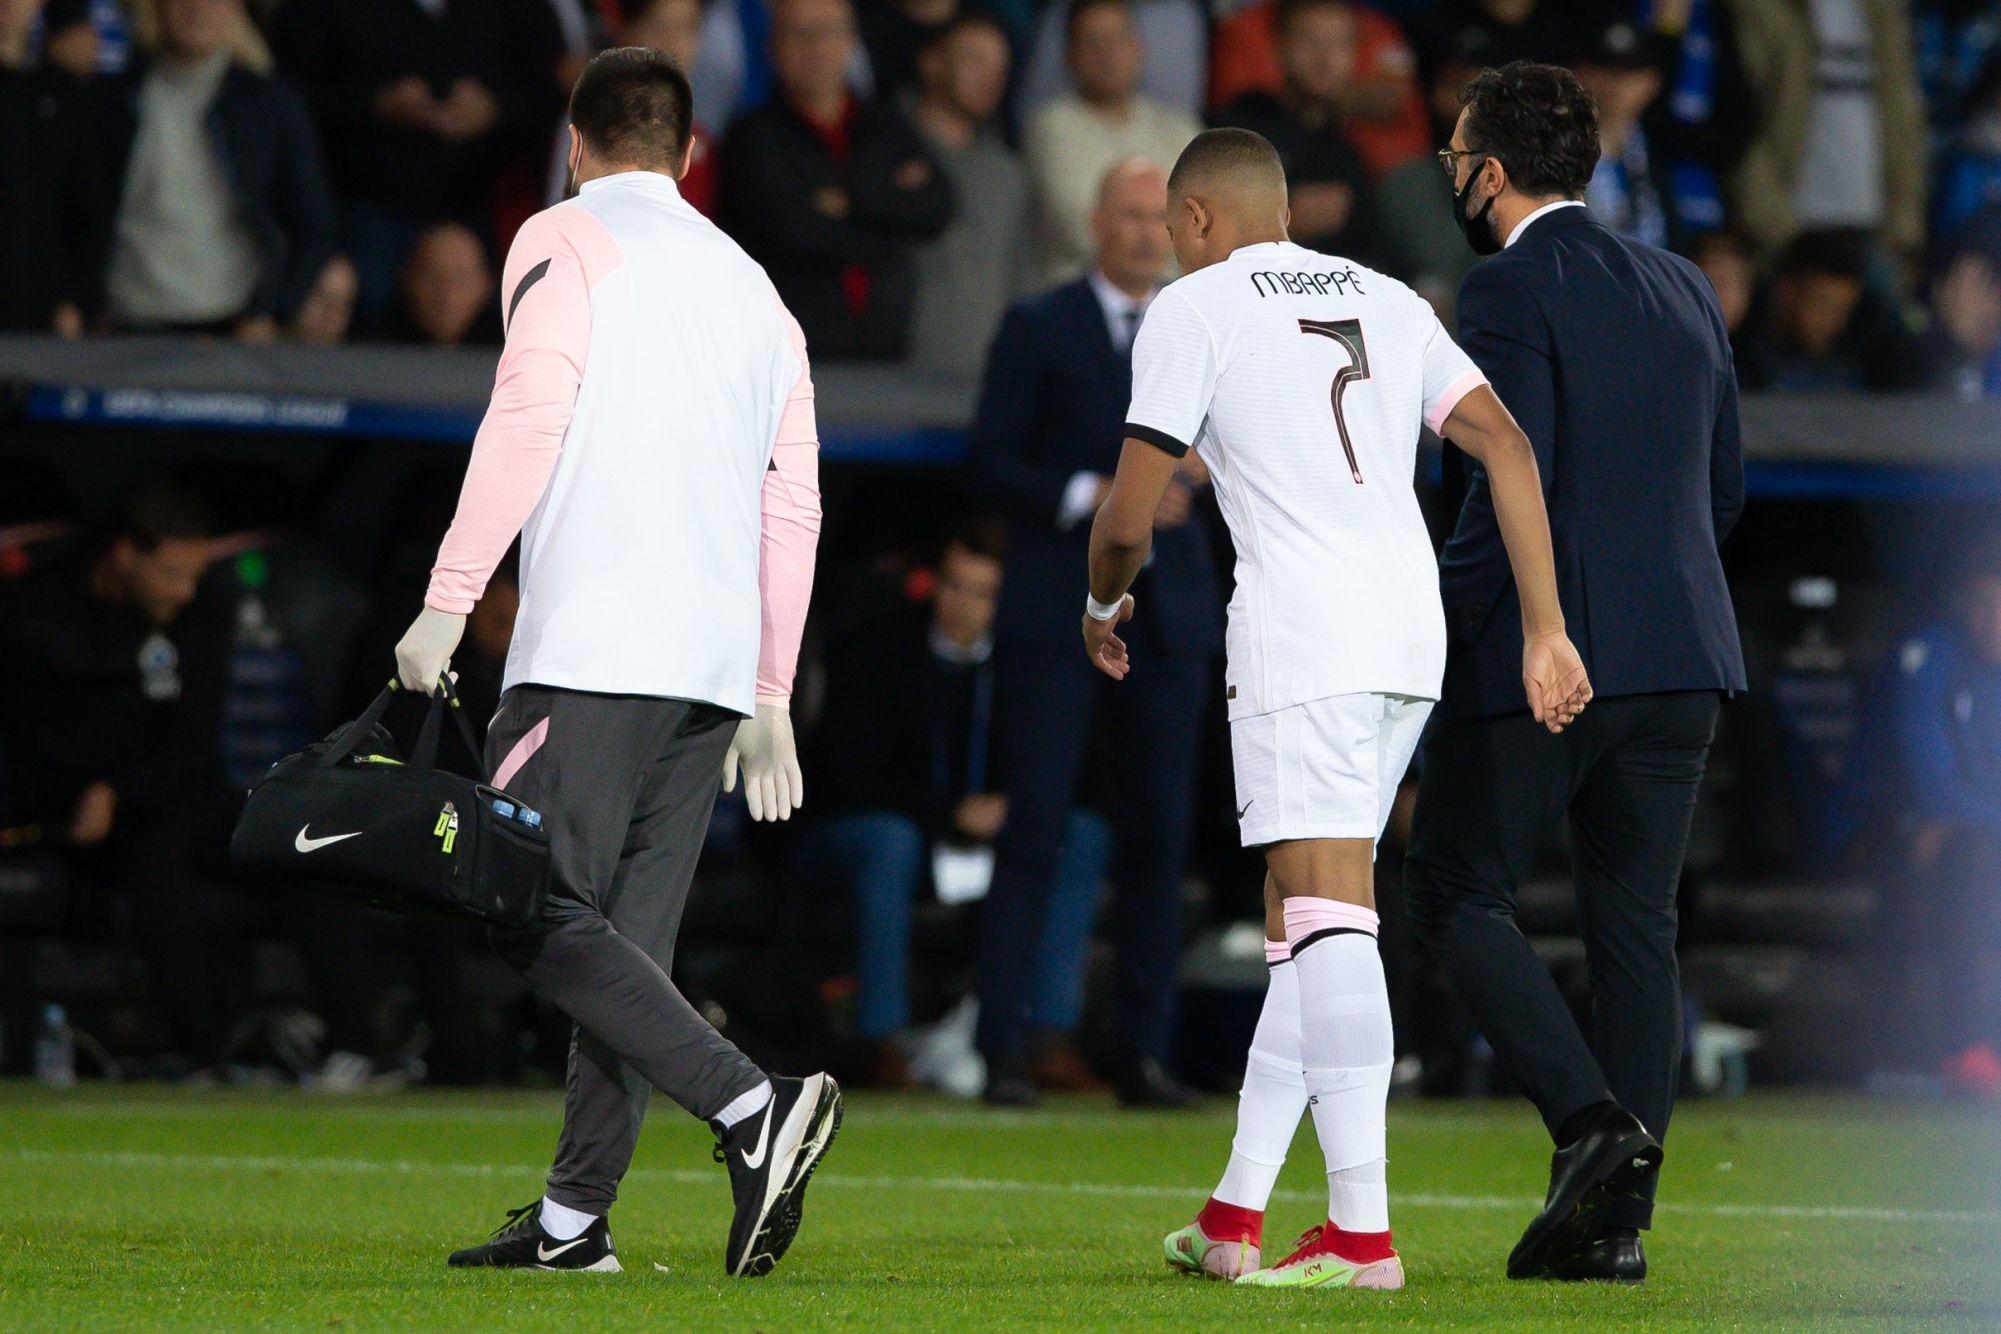 PSG/Lyon - Mbappé vers un forfait, les équipes probables selon Le Parisien